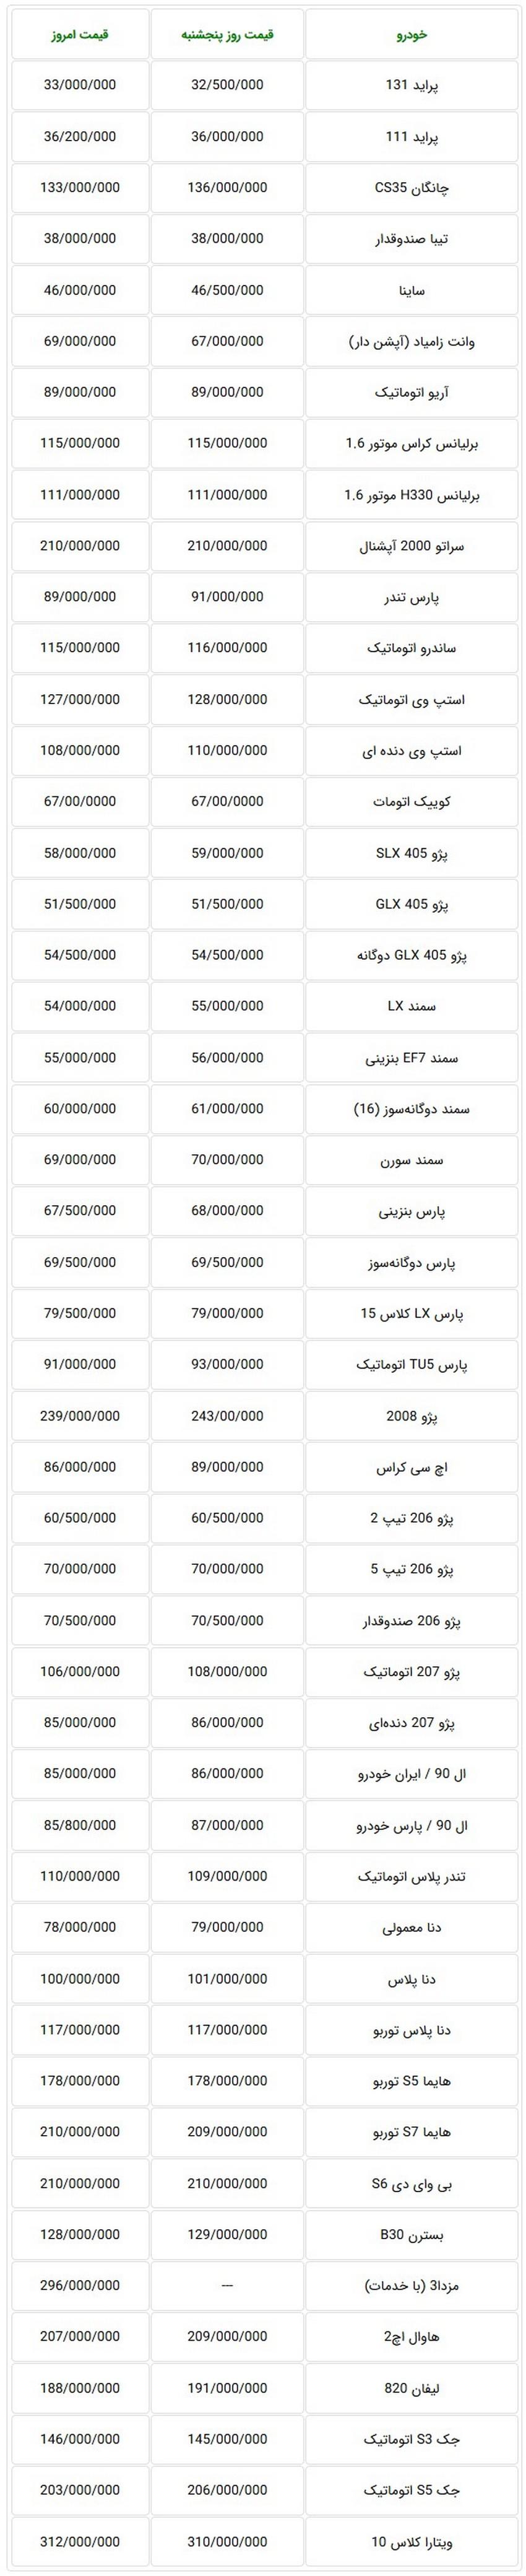 جدول قیمت خودروهای صفر داخلی امروز شنبه در بازار تهران